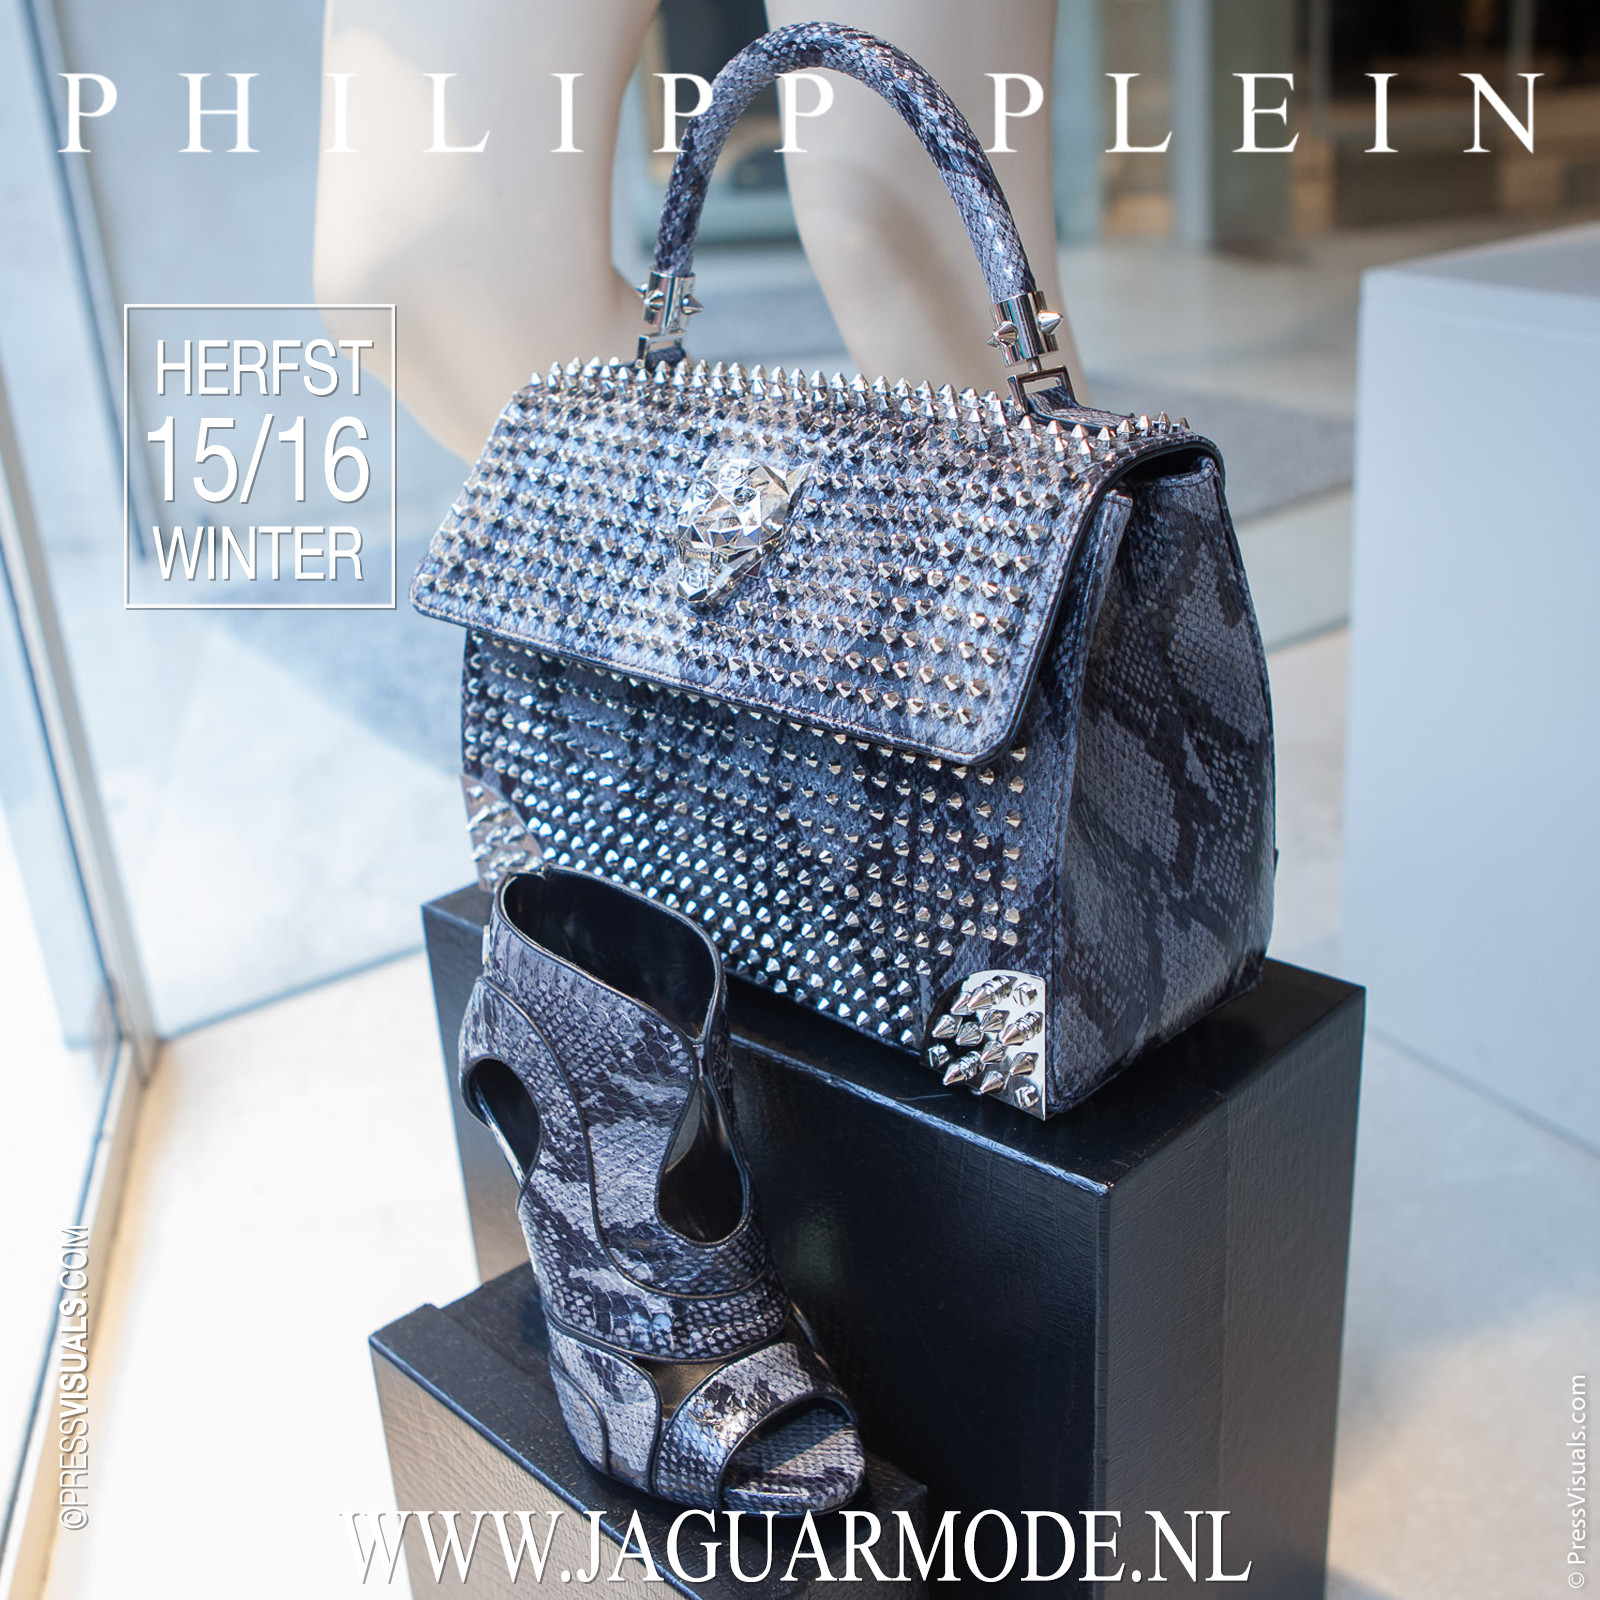 Philipp Plein Schoenen Slangenleer